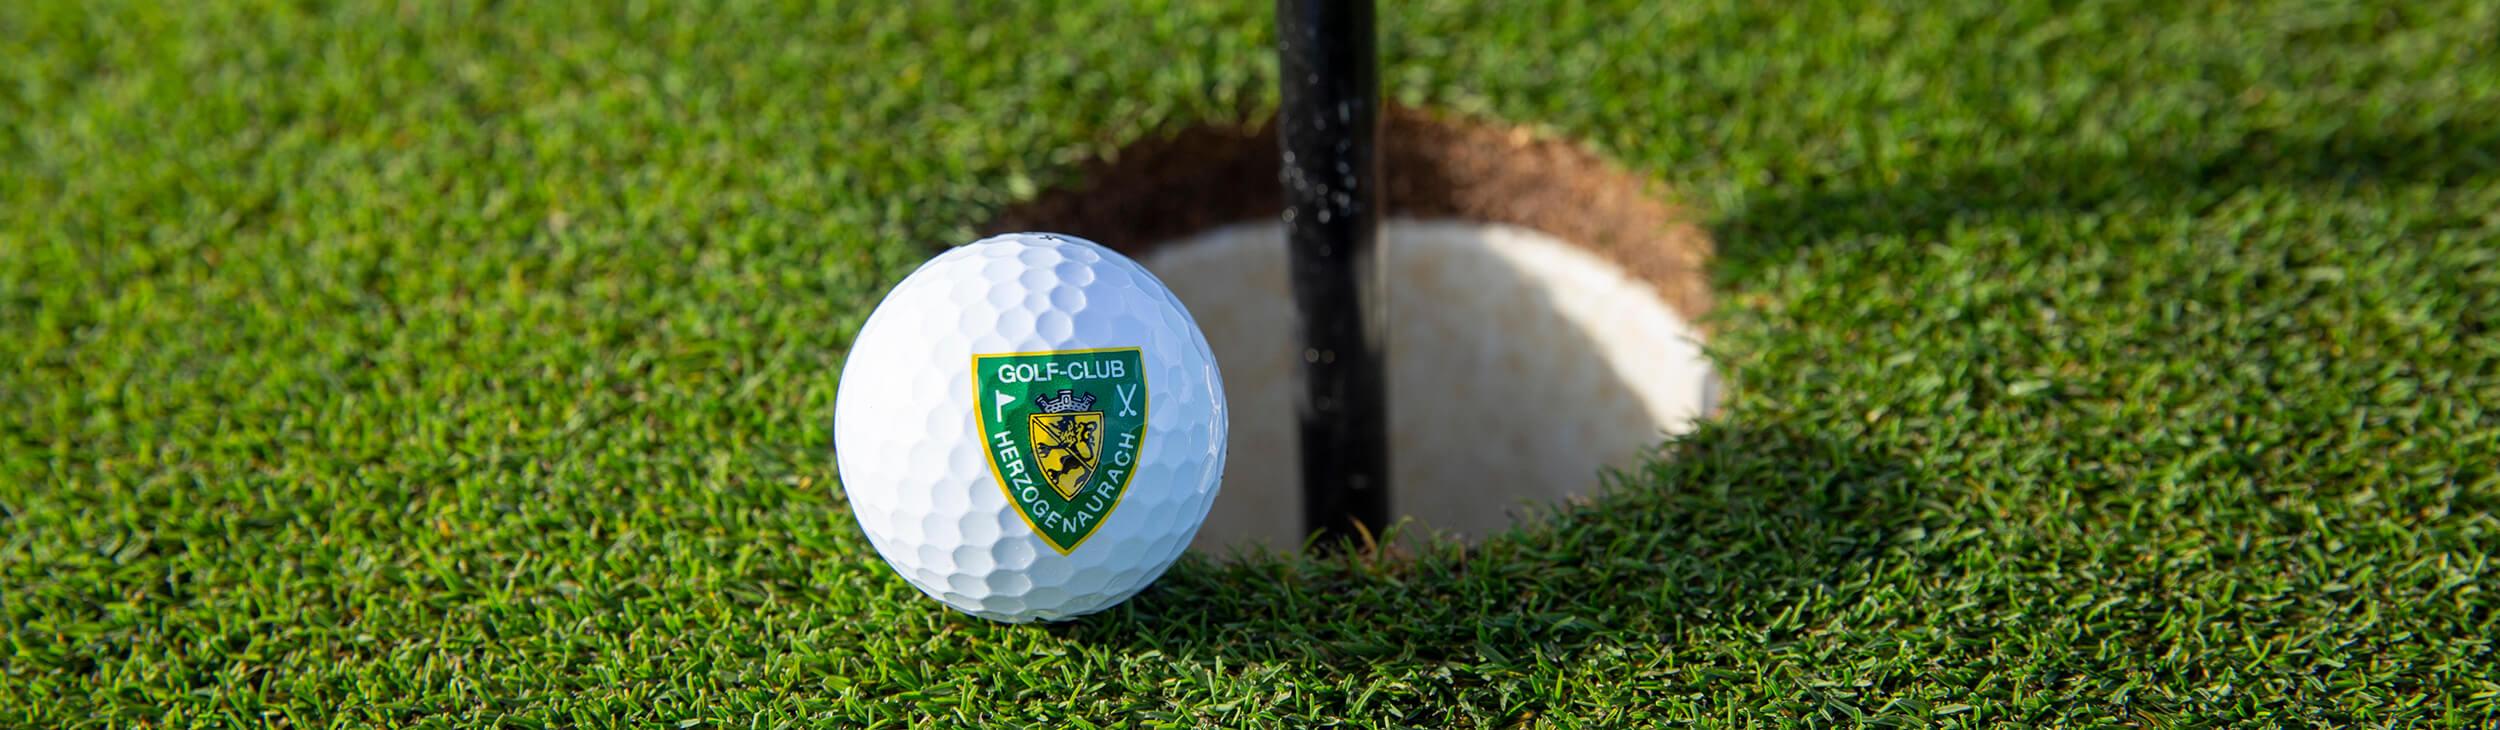 Golf-Club Herzogenaurach | Mannschaften